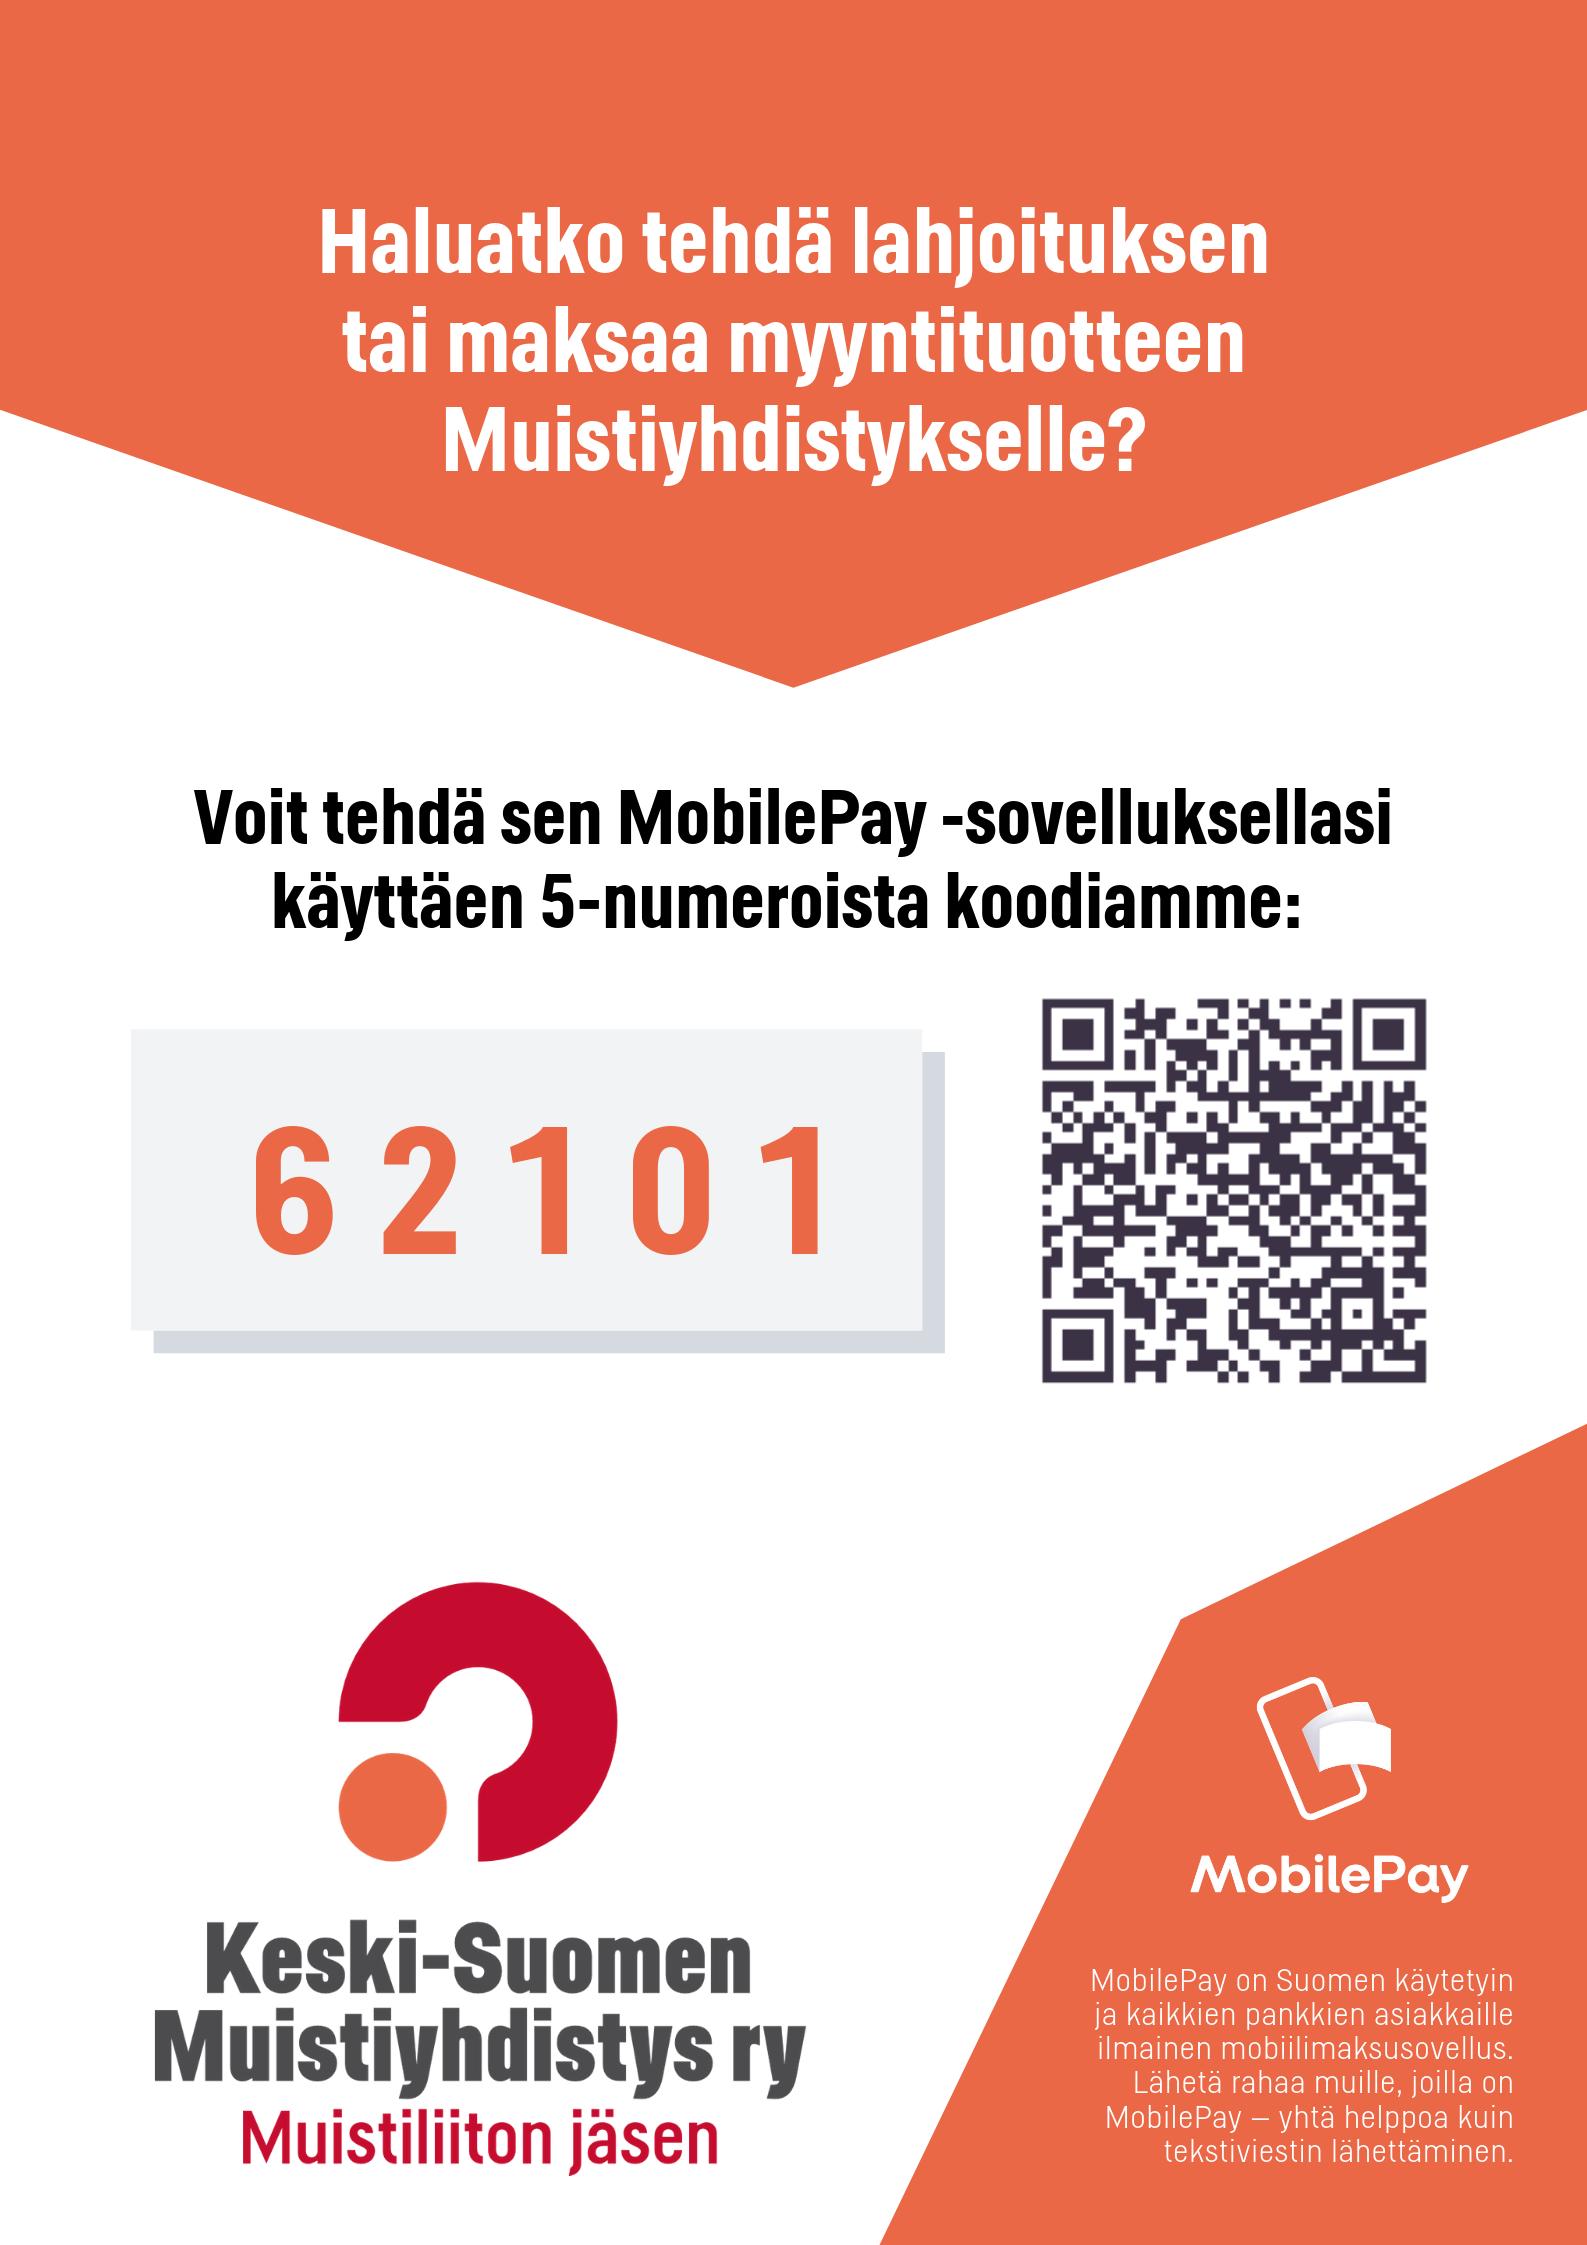 Haluatko tehdä lahjoituksen tai maksaa myyntituotteen Muistiyhdistykselle? Voit tehdä sen nyt MobilePay -sovelluksellasi käyttäen 5-numeroista koodiamme: 6 2 1 0 1.